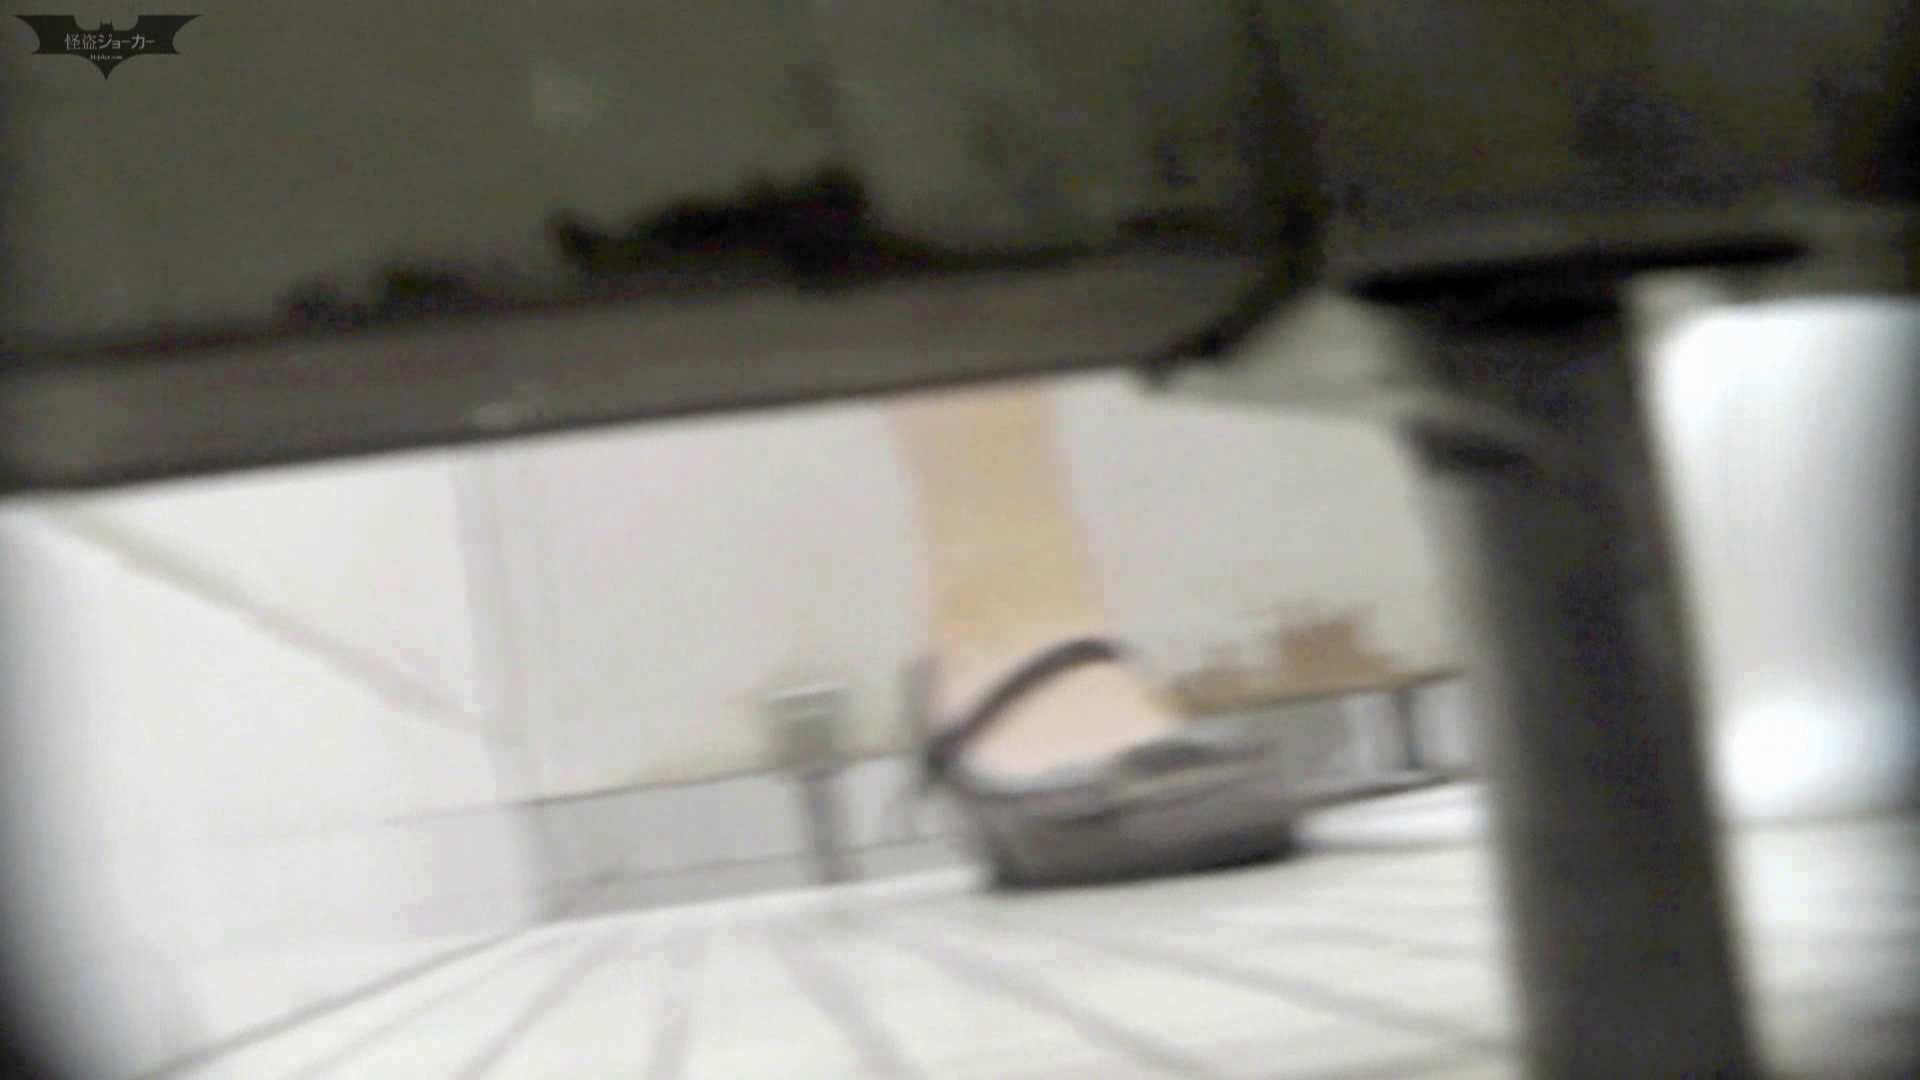 【潜入トイレ盗撮】洗面所特攻隊 vol.70 極上品の連続、歌いながら美女入室 美女 おまんこ無修正動画無料 63pic 52